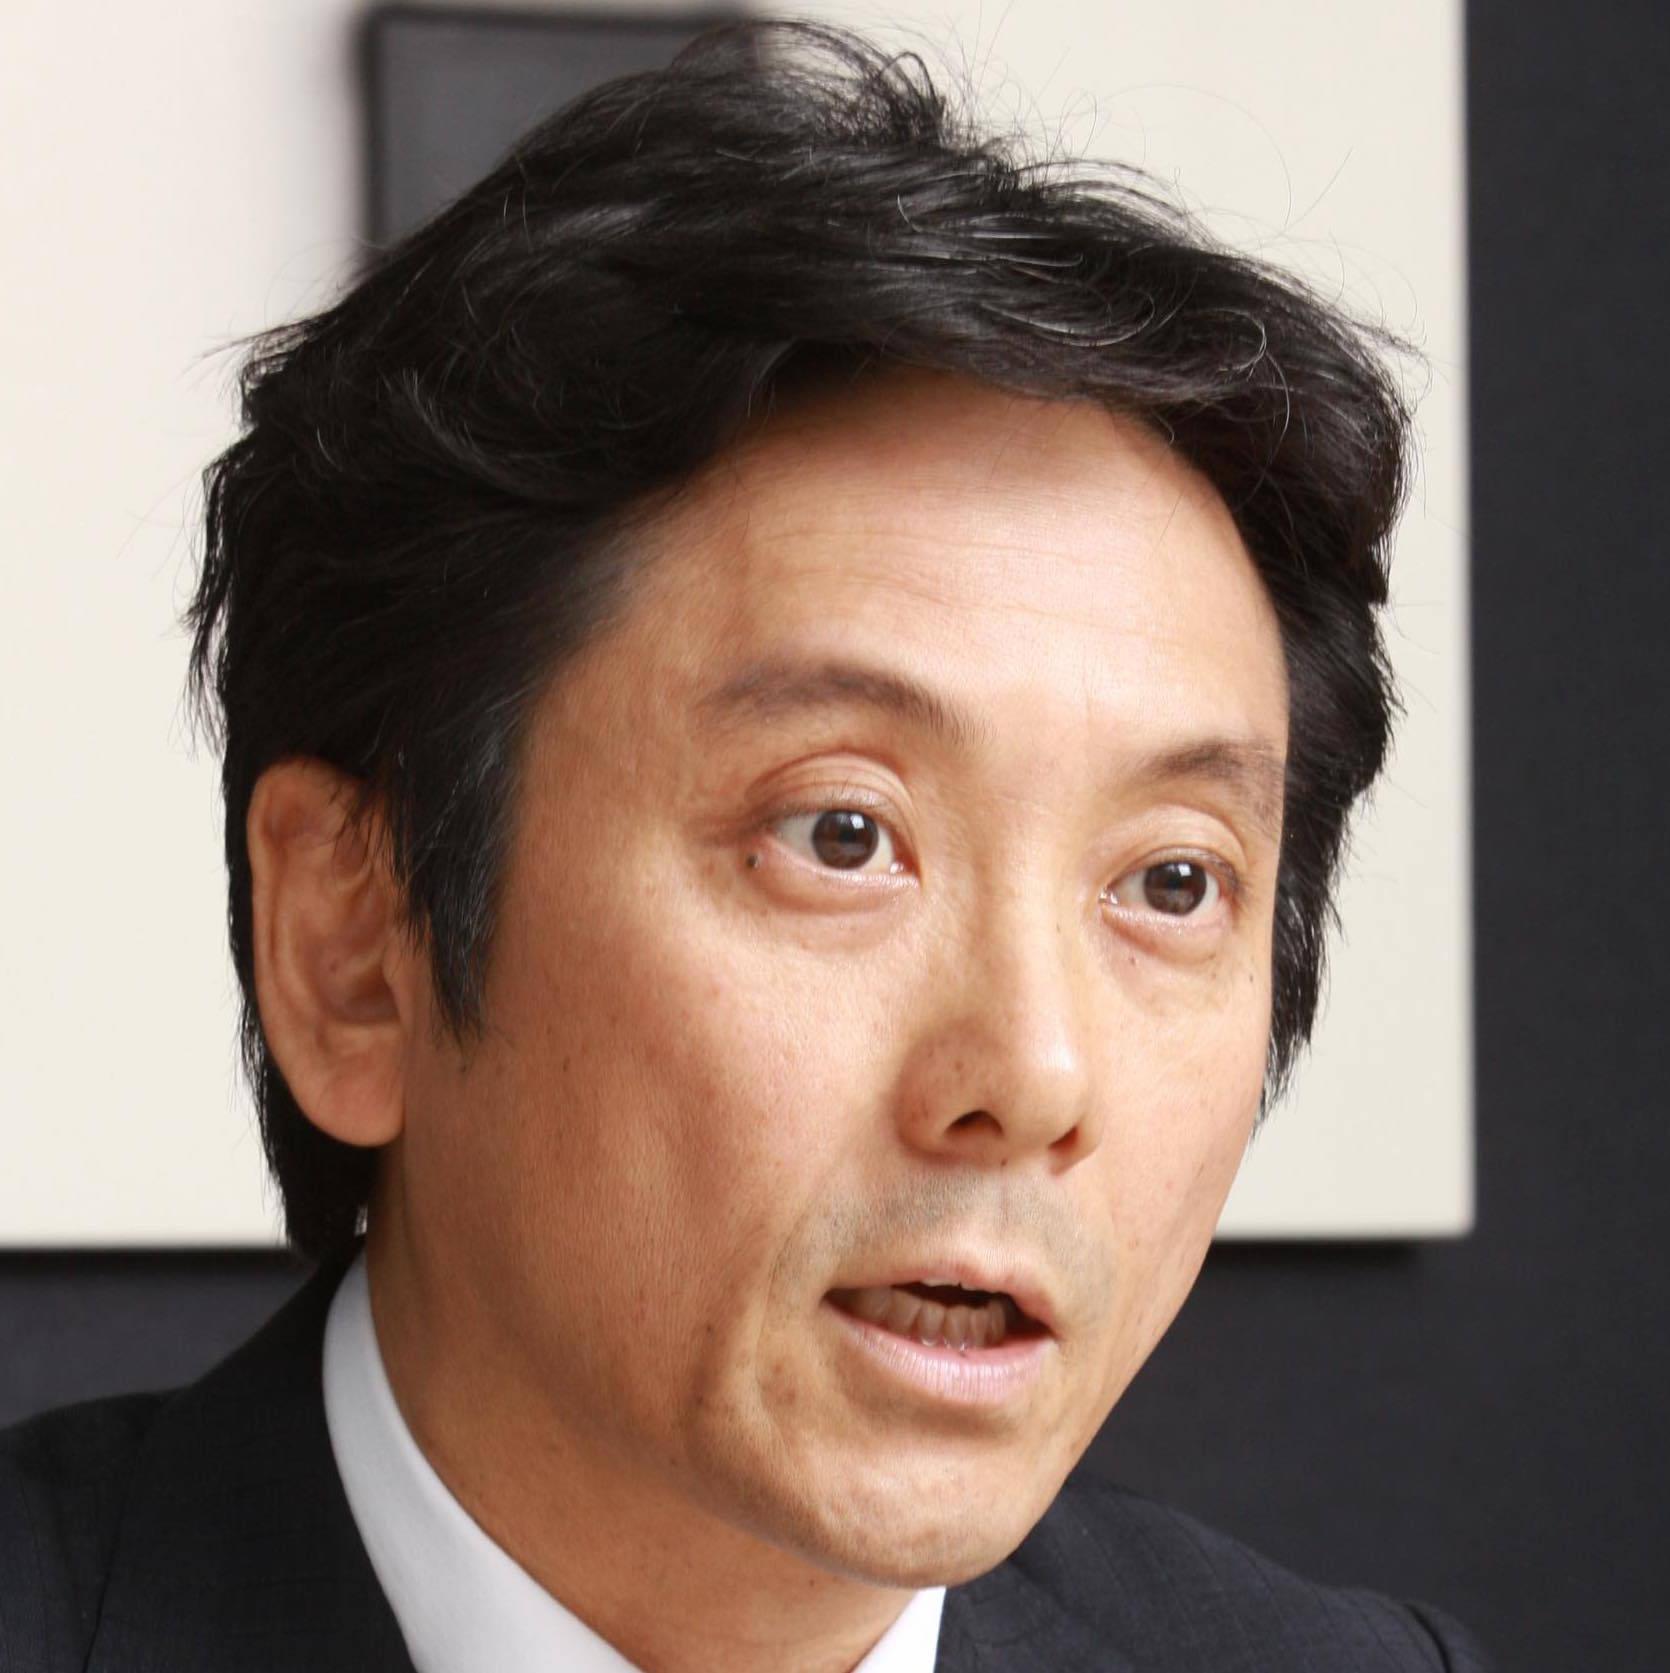 リクルートホールディングス社長兼CEO 峰岸真澄 買収戦略で人材業界世界一を目指す